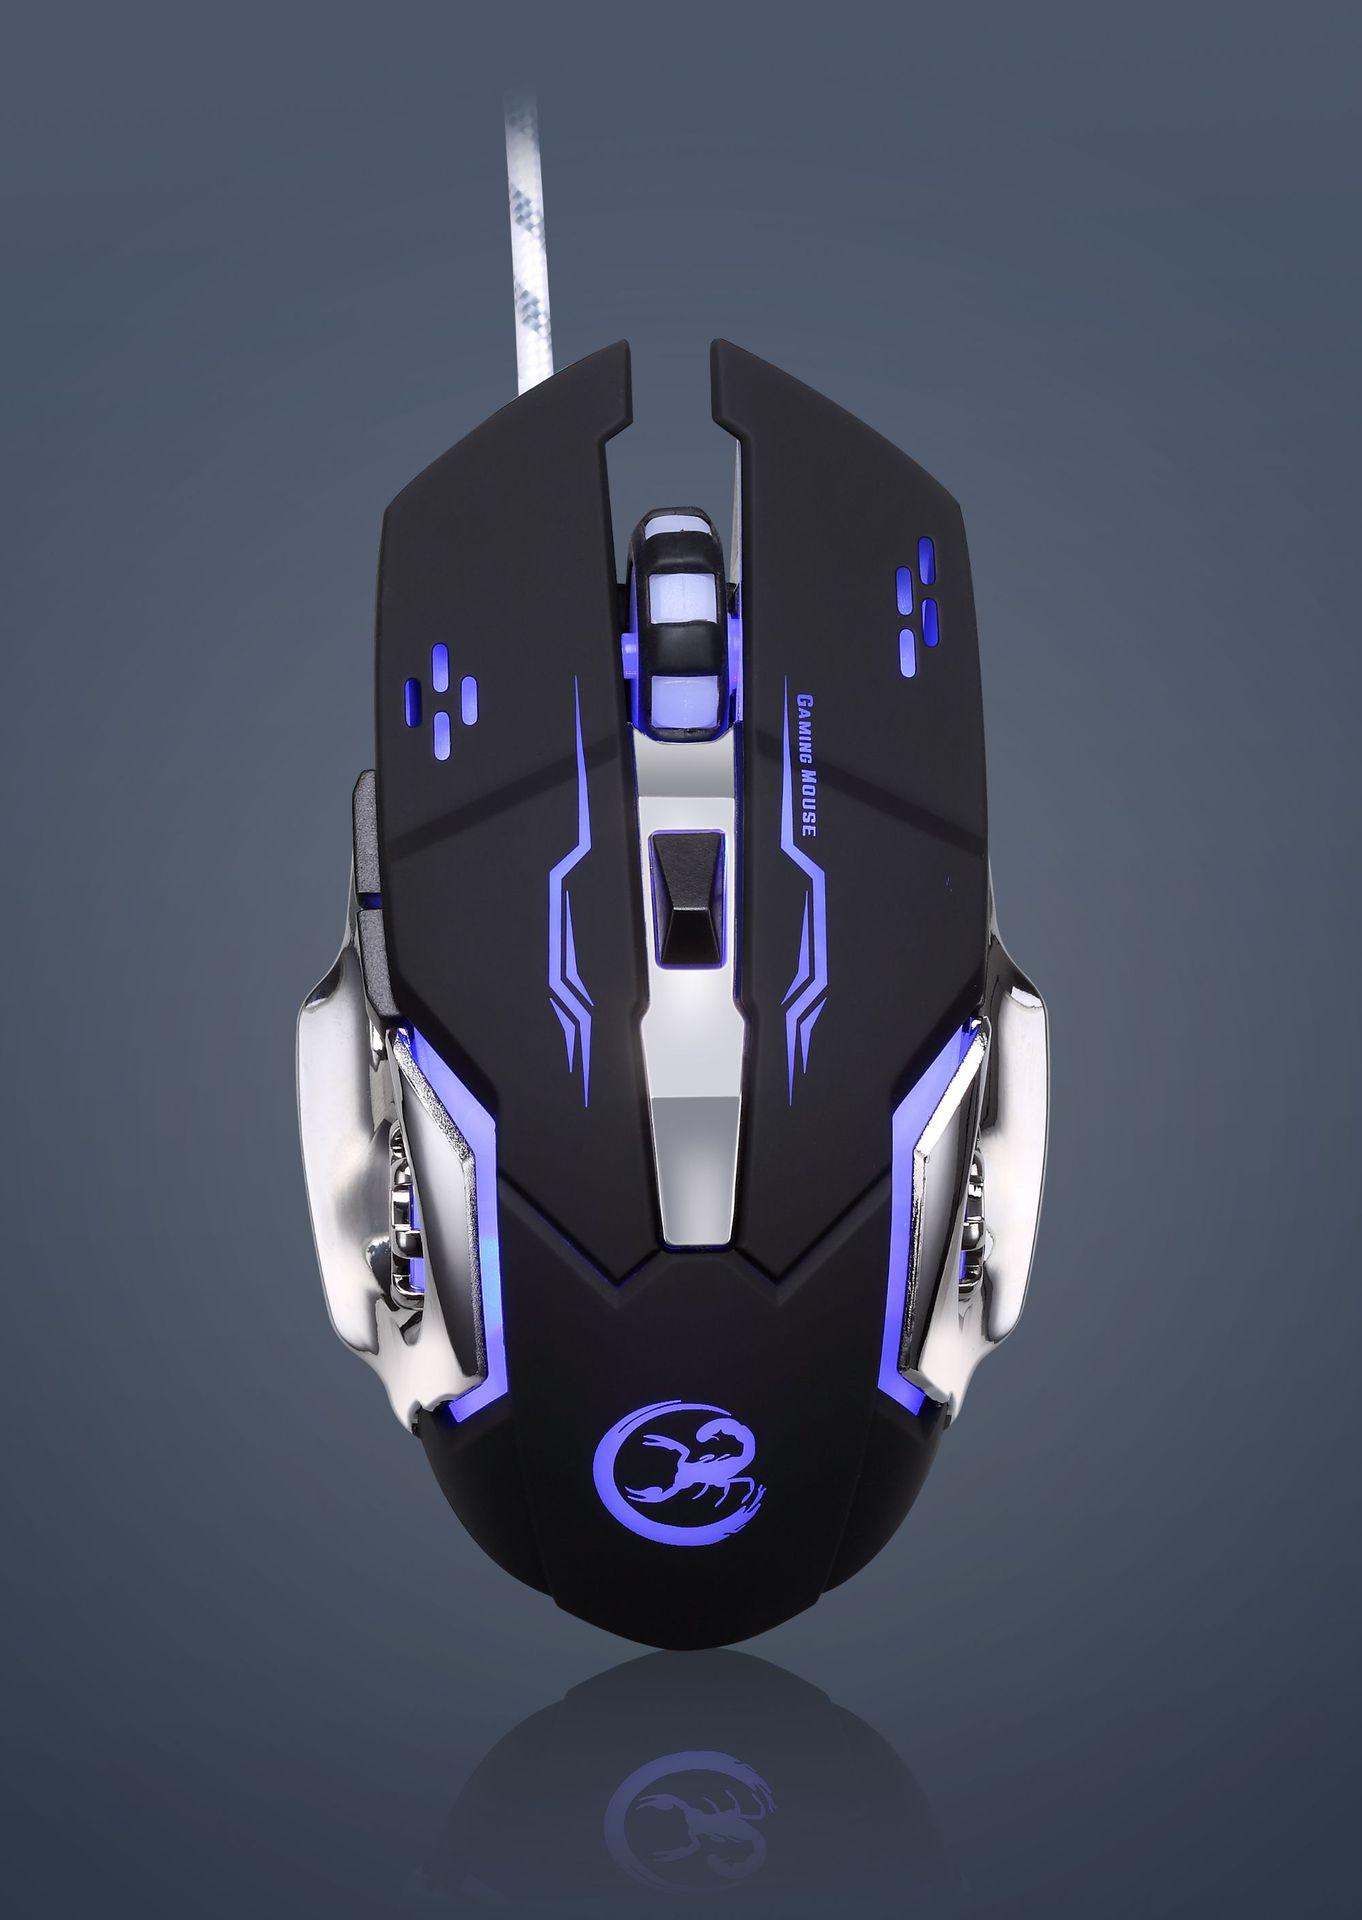 Usb-кабель Bloodbat, фотоэлектрическая игровая мышь с 6 клавишами, люминесцентная дыхательная лампа, проводная мышь для геймера